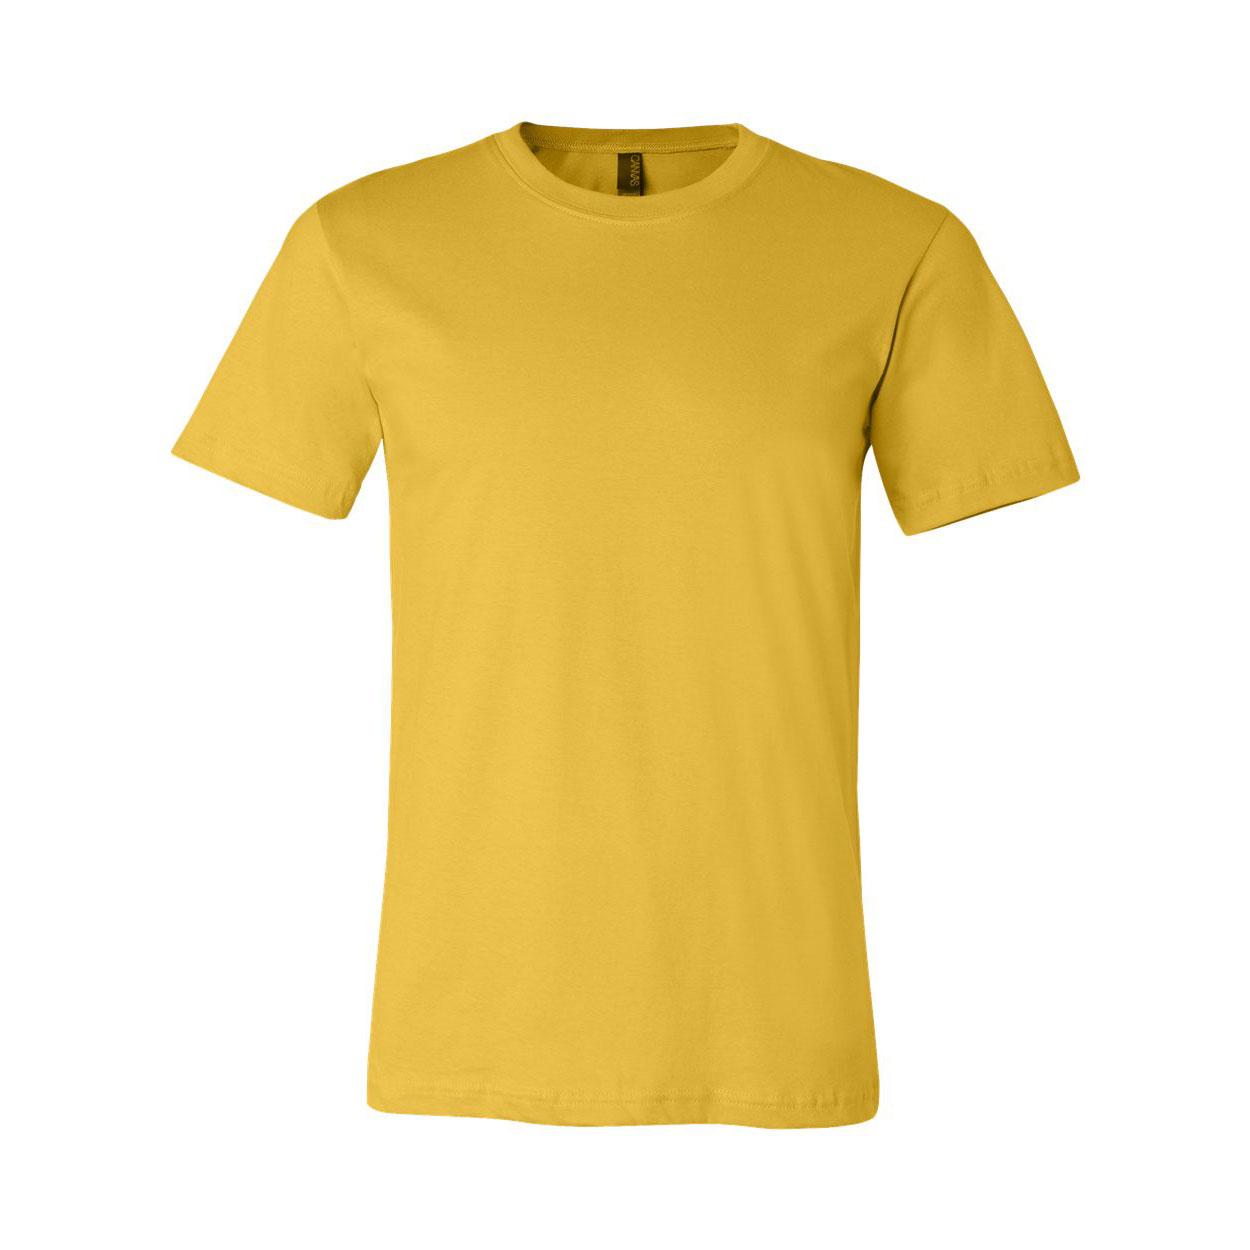 Maize yellow bella 3001